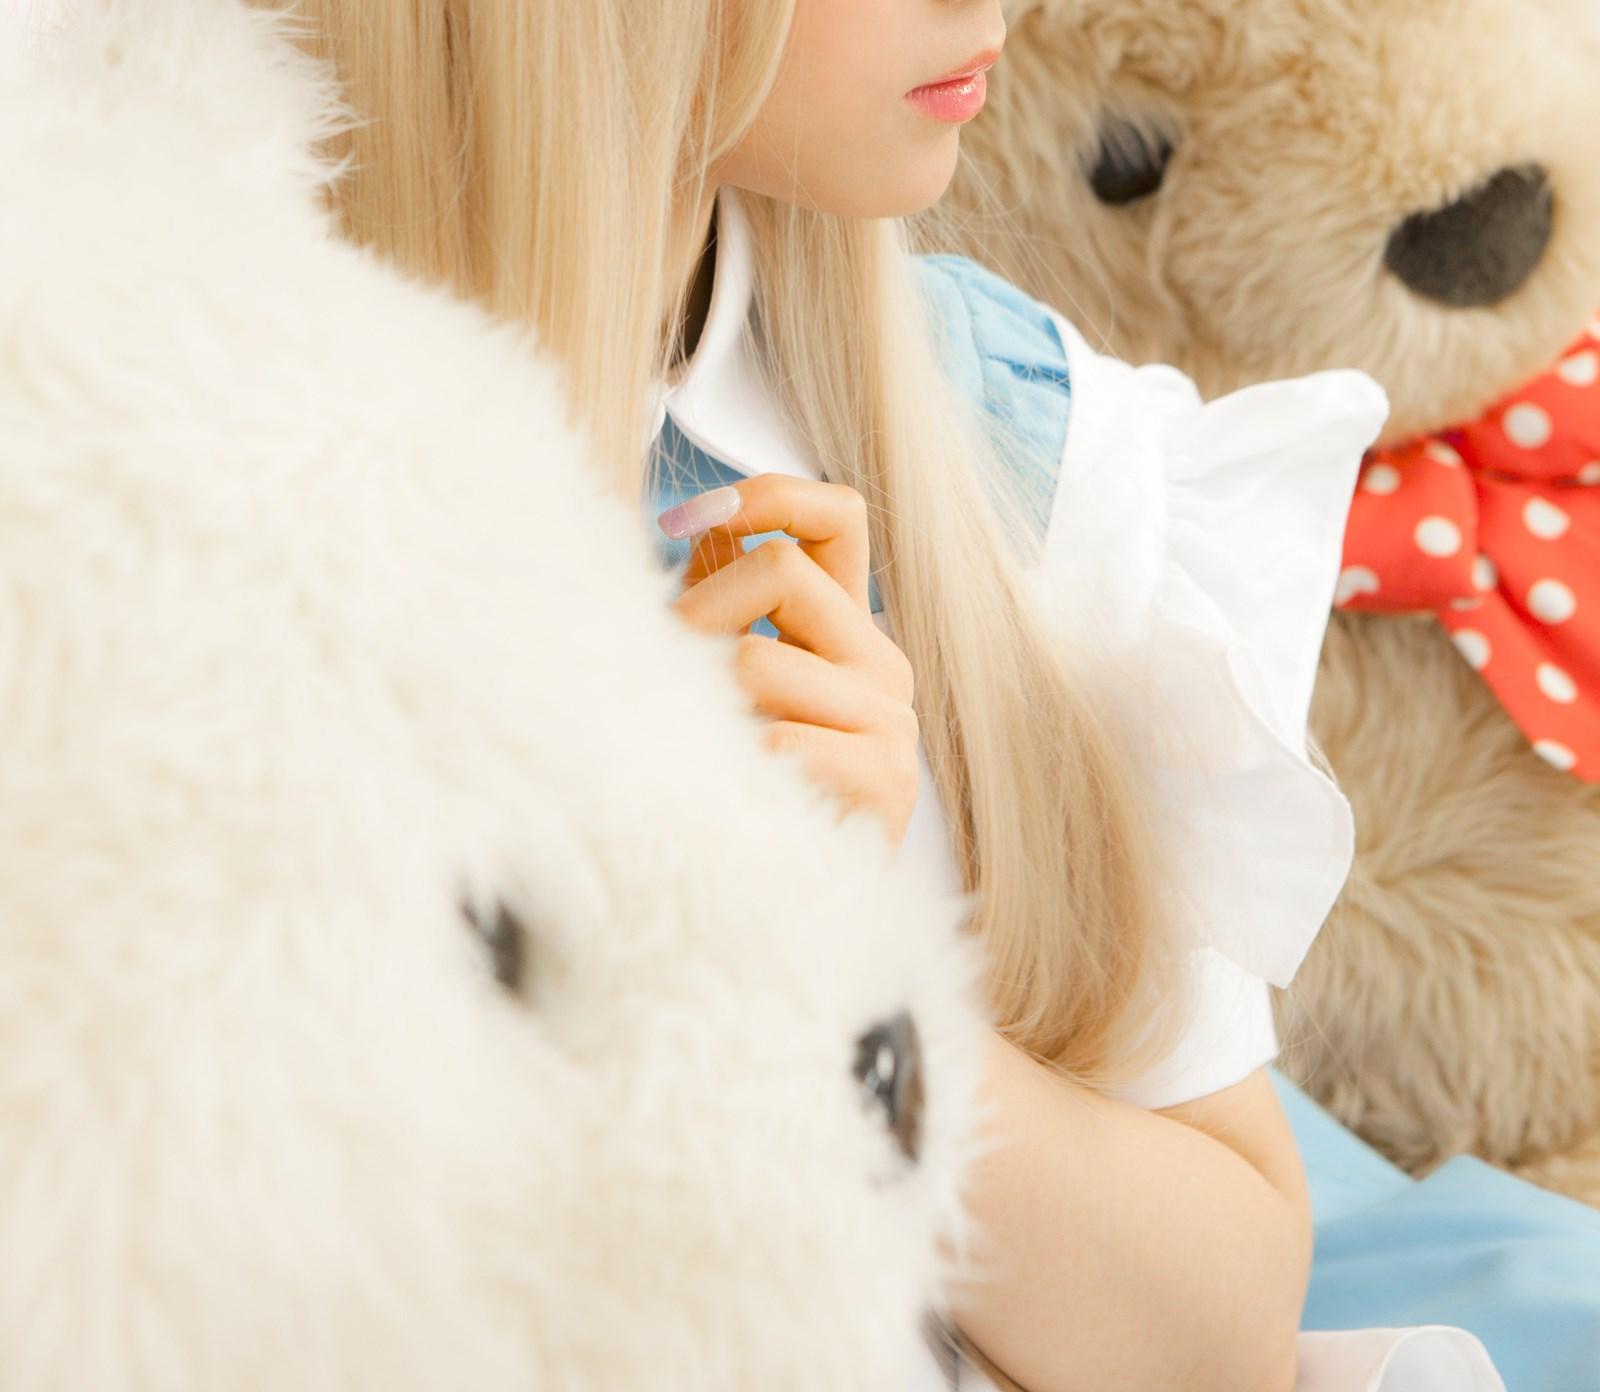 【兔玩映画】爱丽丝少女 兔玩映画 第22张